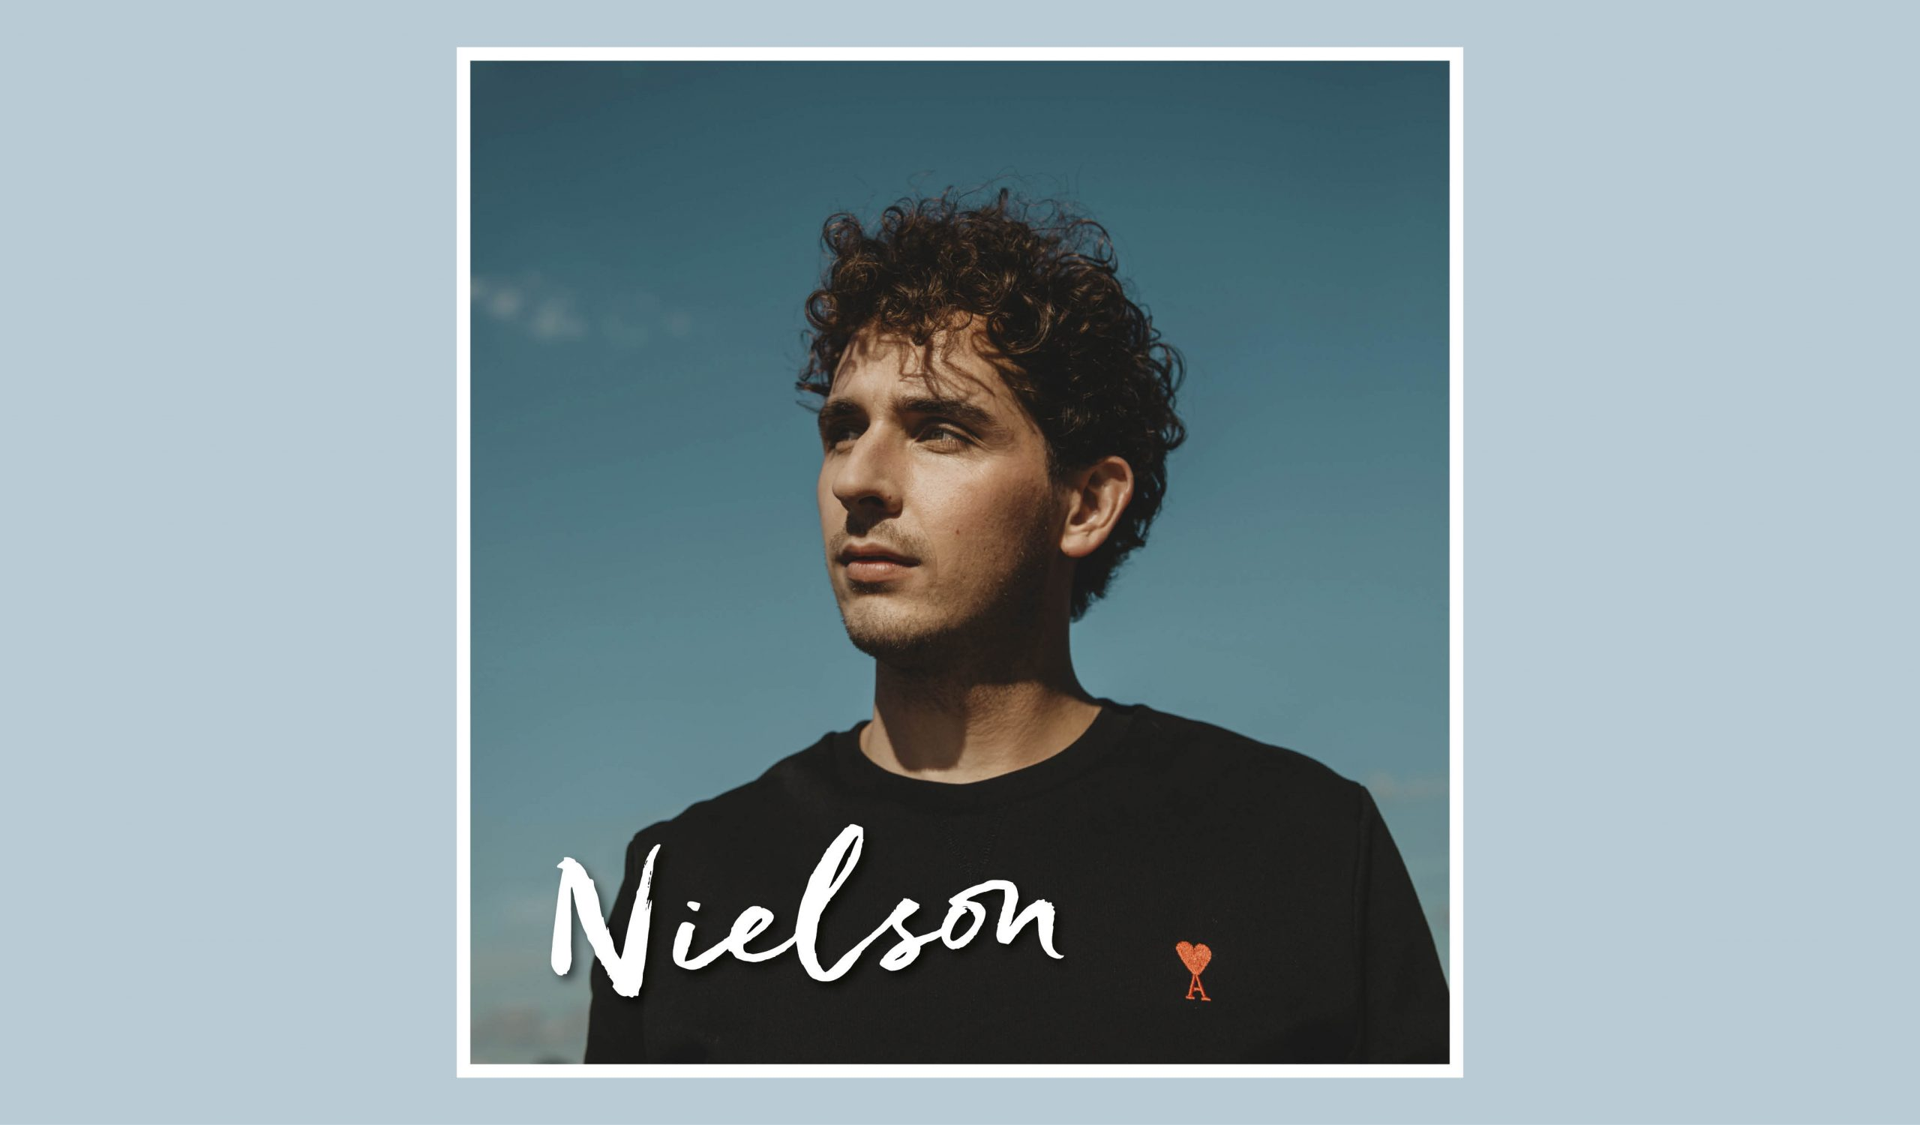 niels scaled Wij spraken Nielson over zijn nieuwe album en andere sound + win kaartjes!